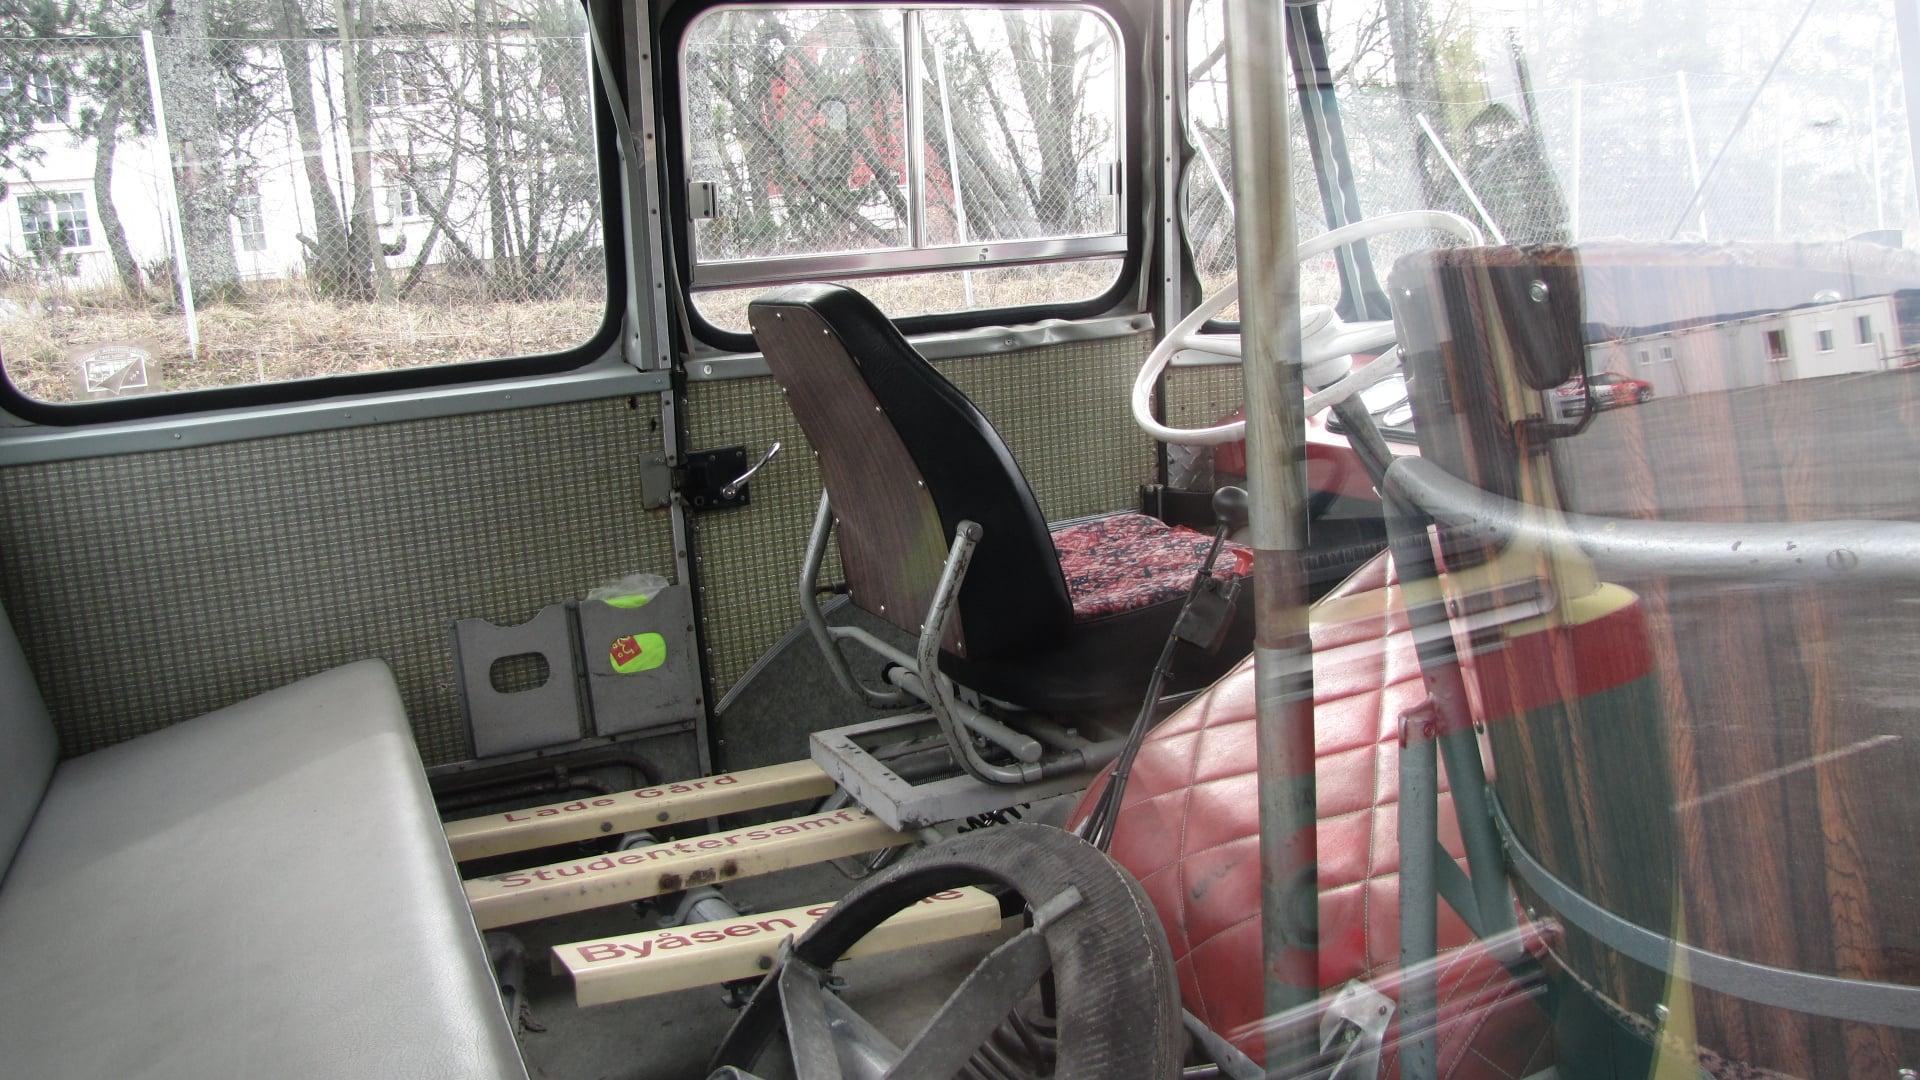 DAF-in-Noorwegen-Bus-voor-scholieren-Vrachtwagen-voor-melk-op-te-halen-Fosen-Schiereiland-naar-Trondheim--V-V-